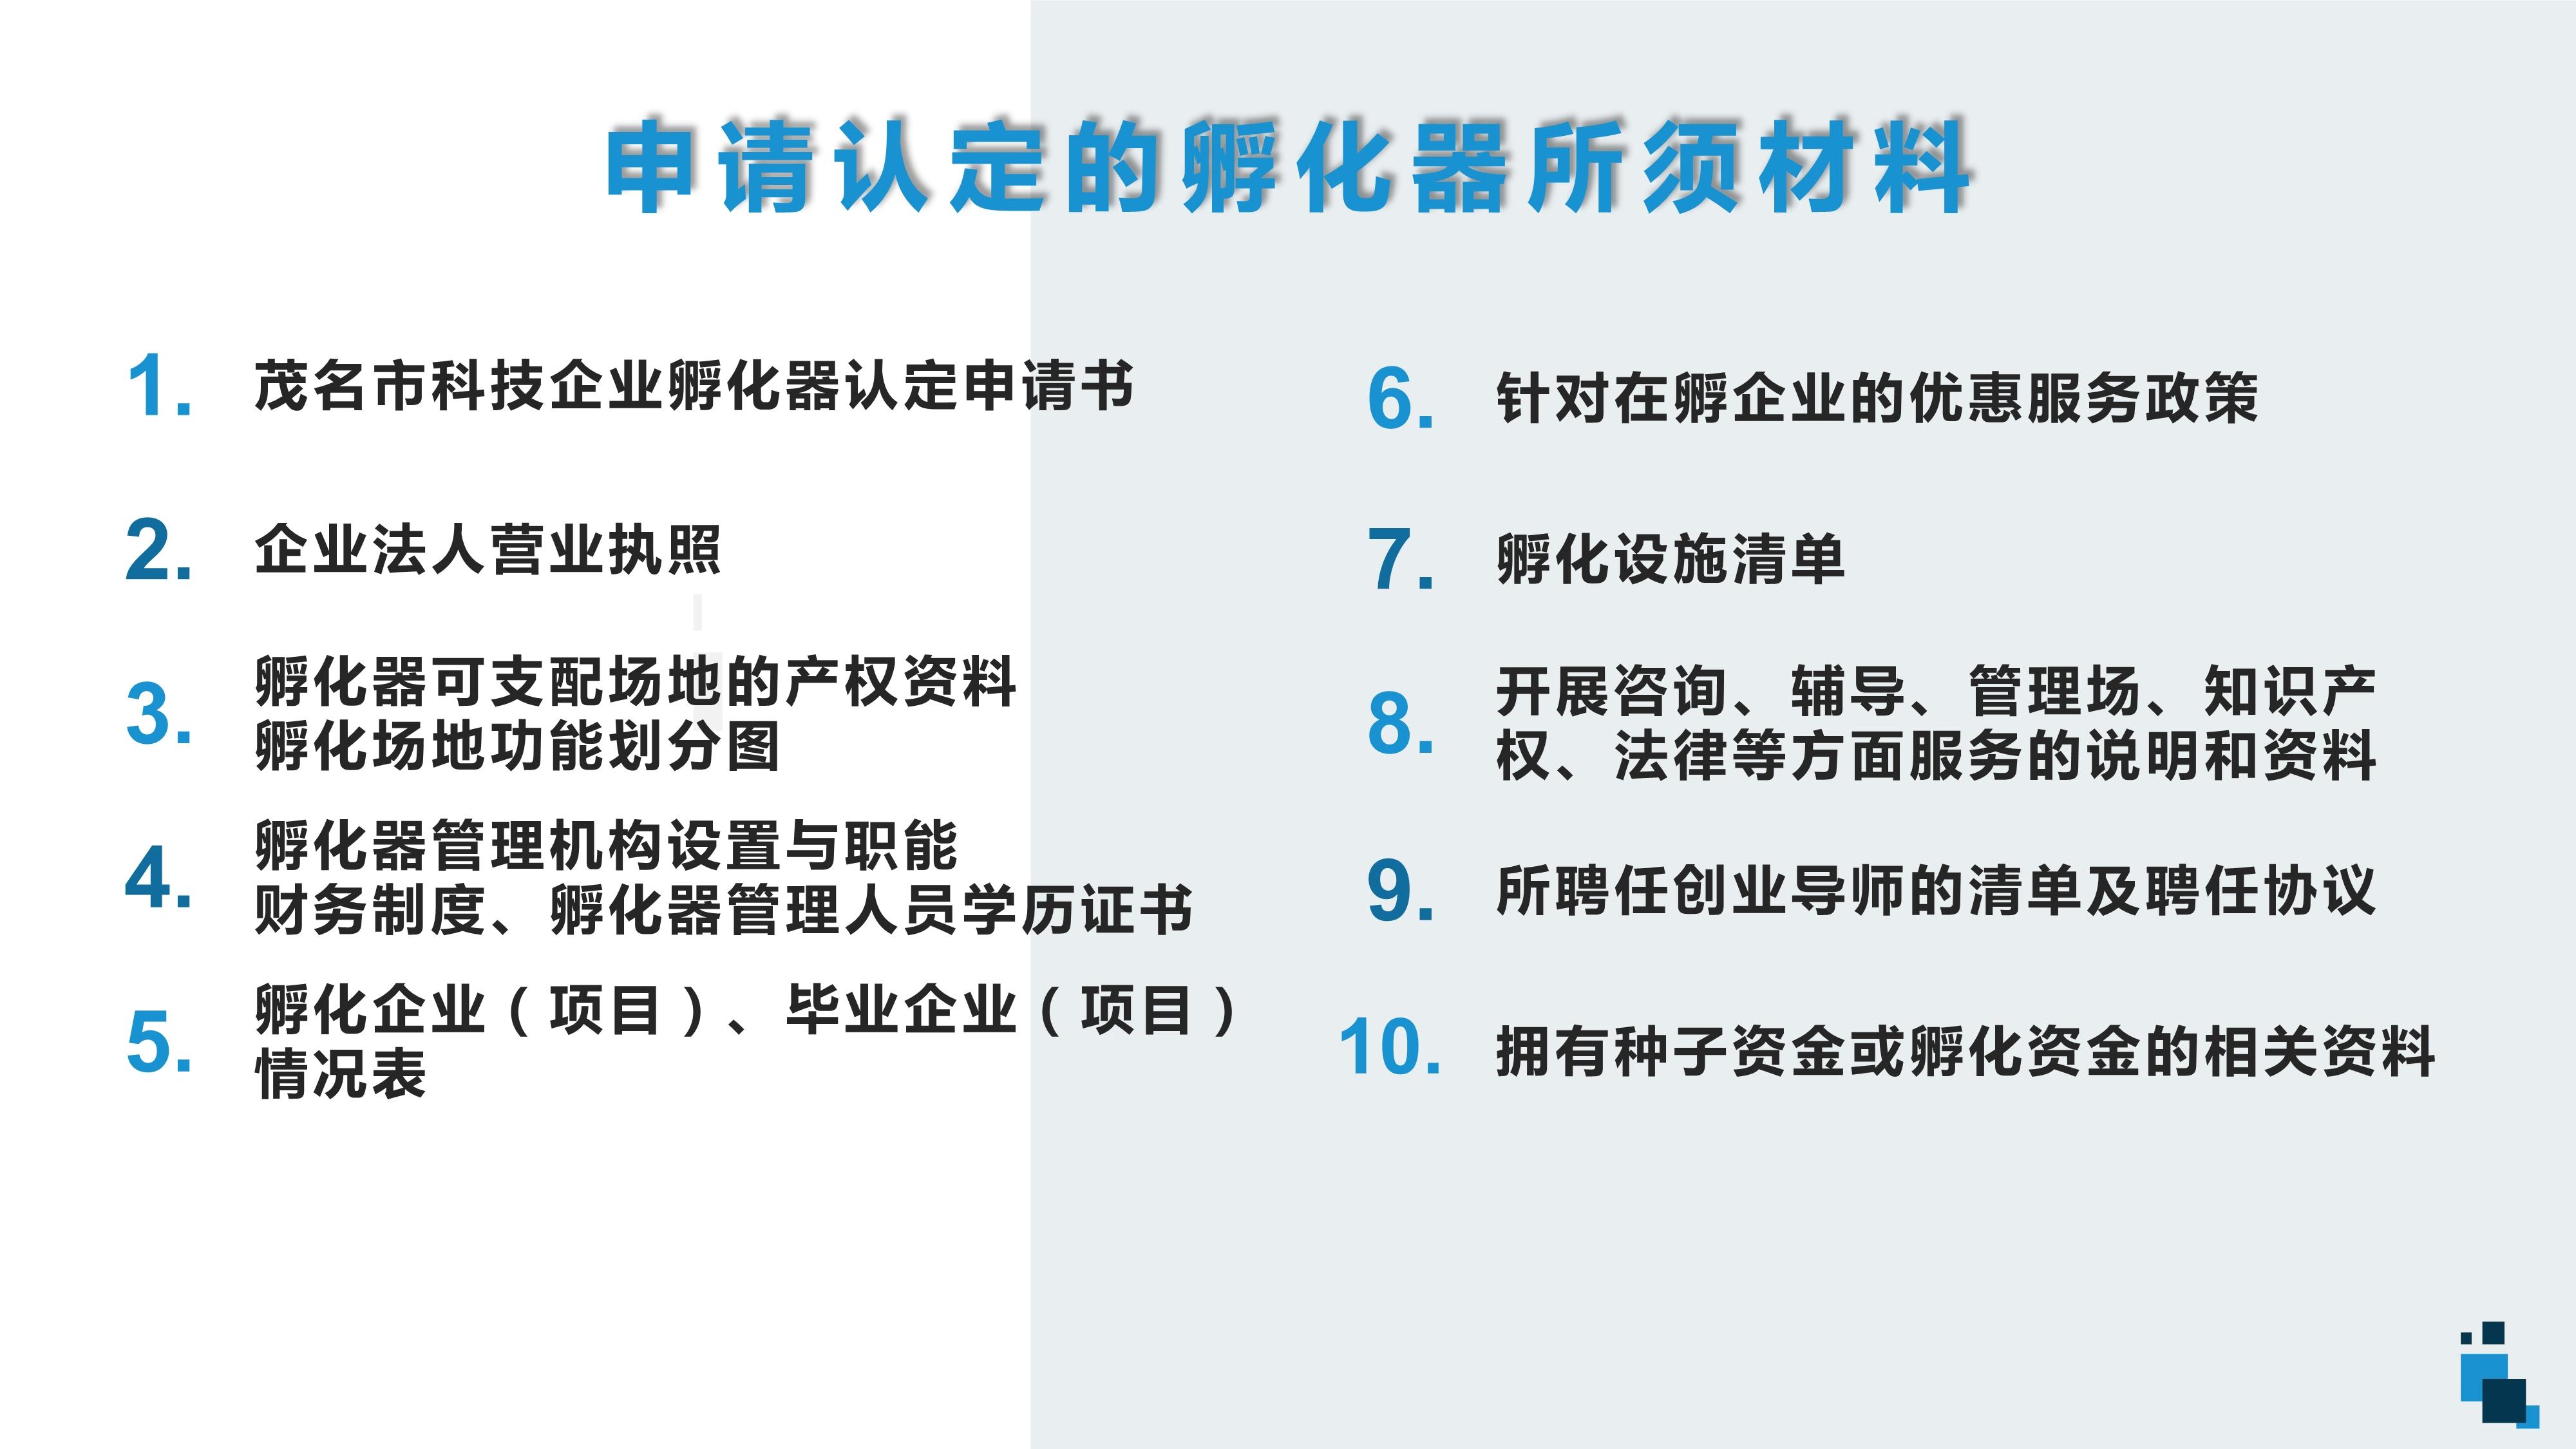 科技企业孵化器认定和管理办法-政策解读_8.jpg